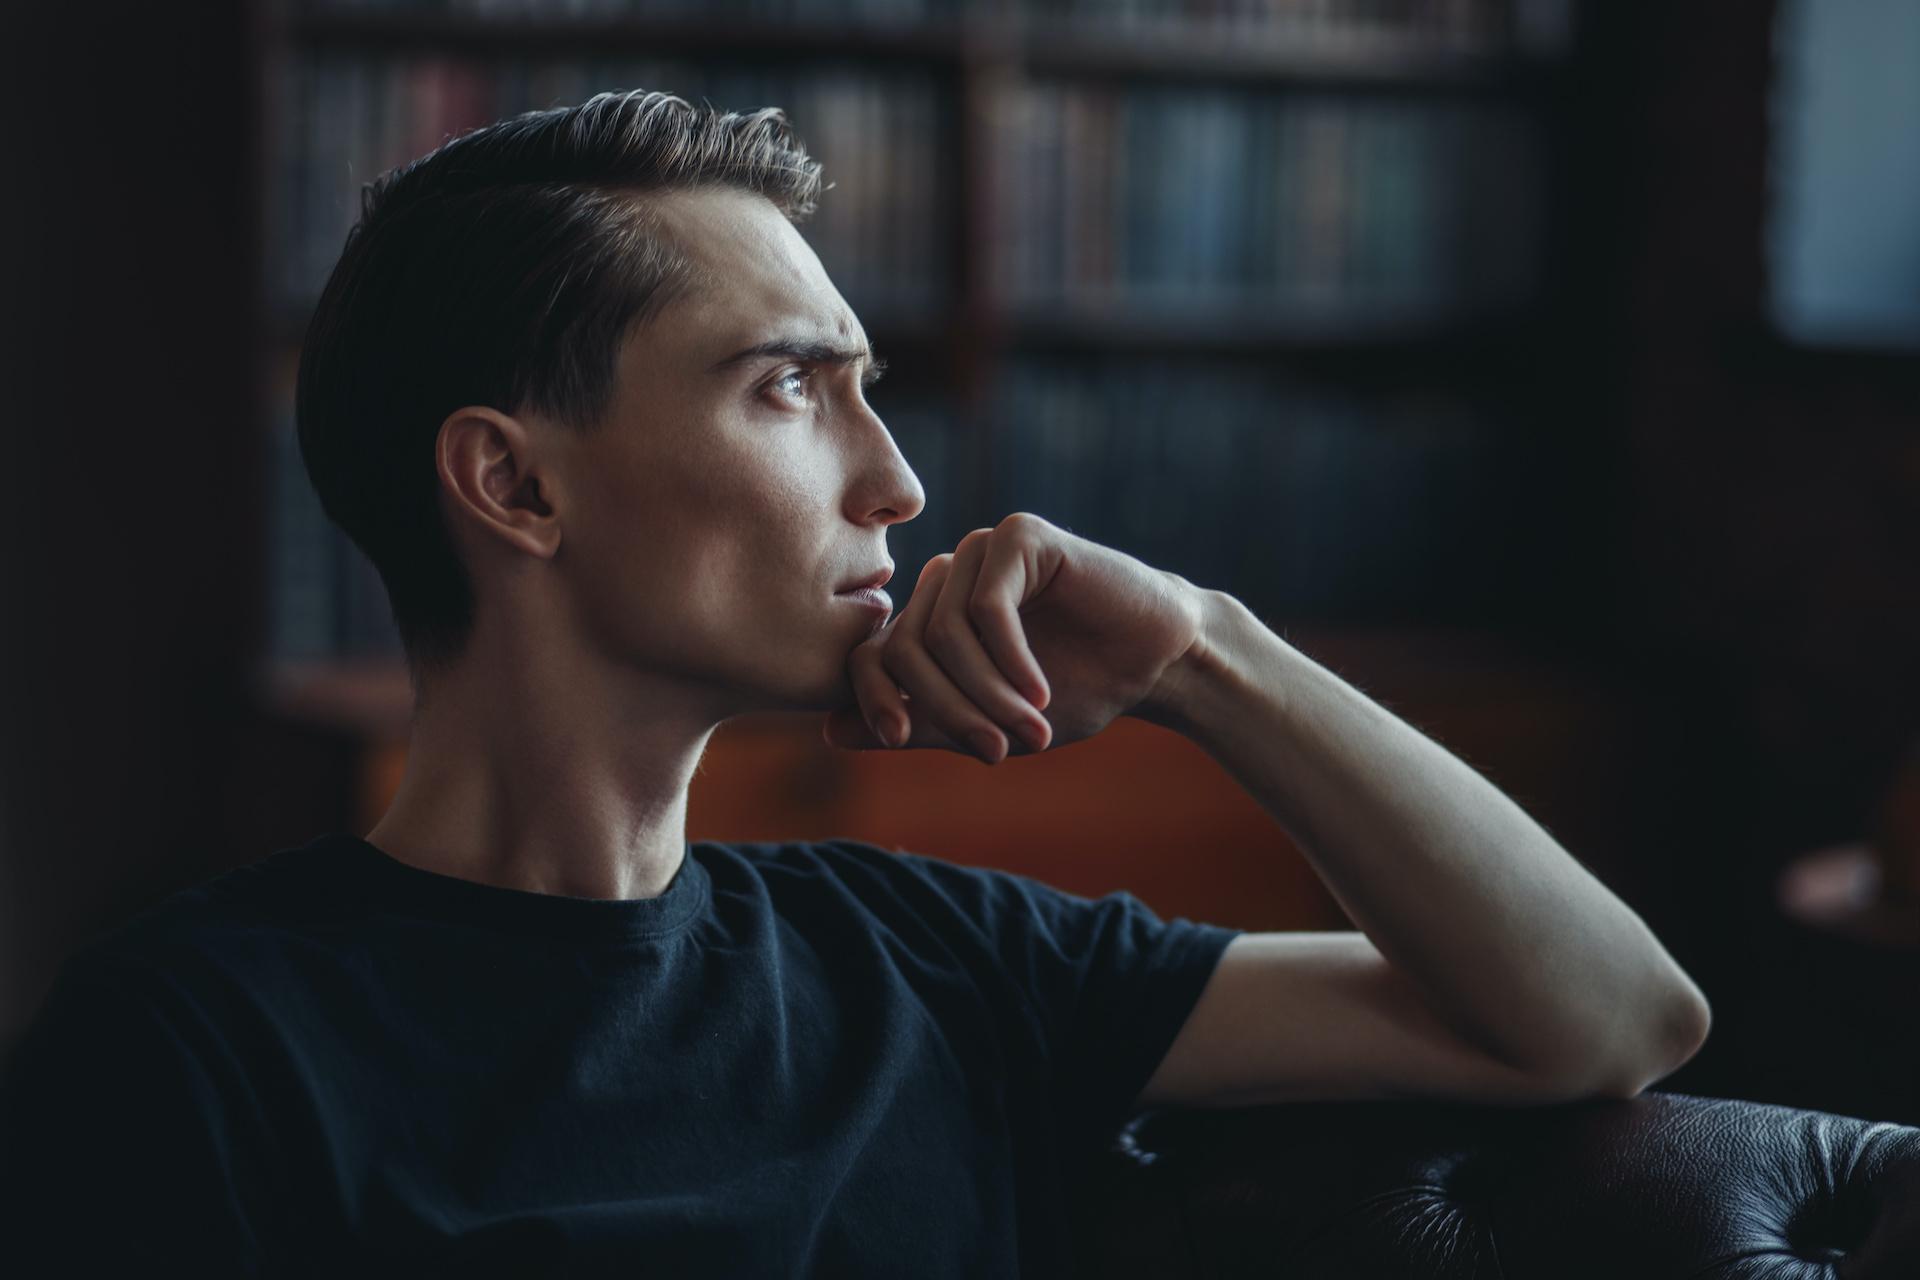 Photo: Andrey Kiselev, YFS Magazine, Adobe Stock